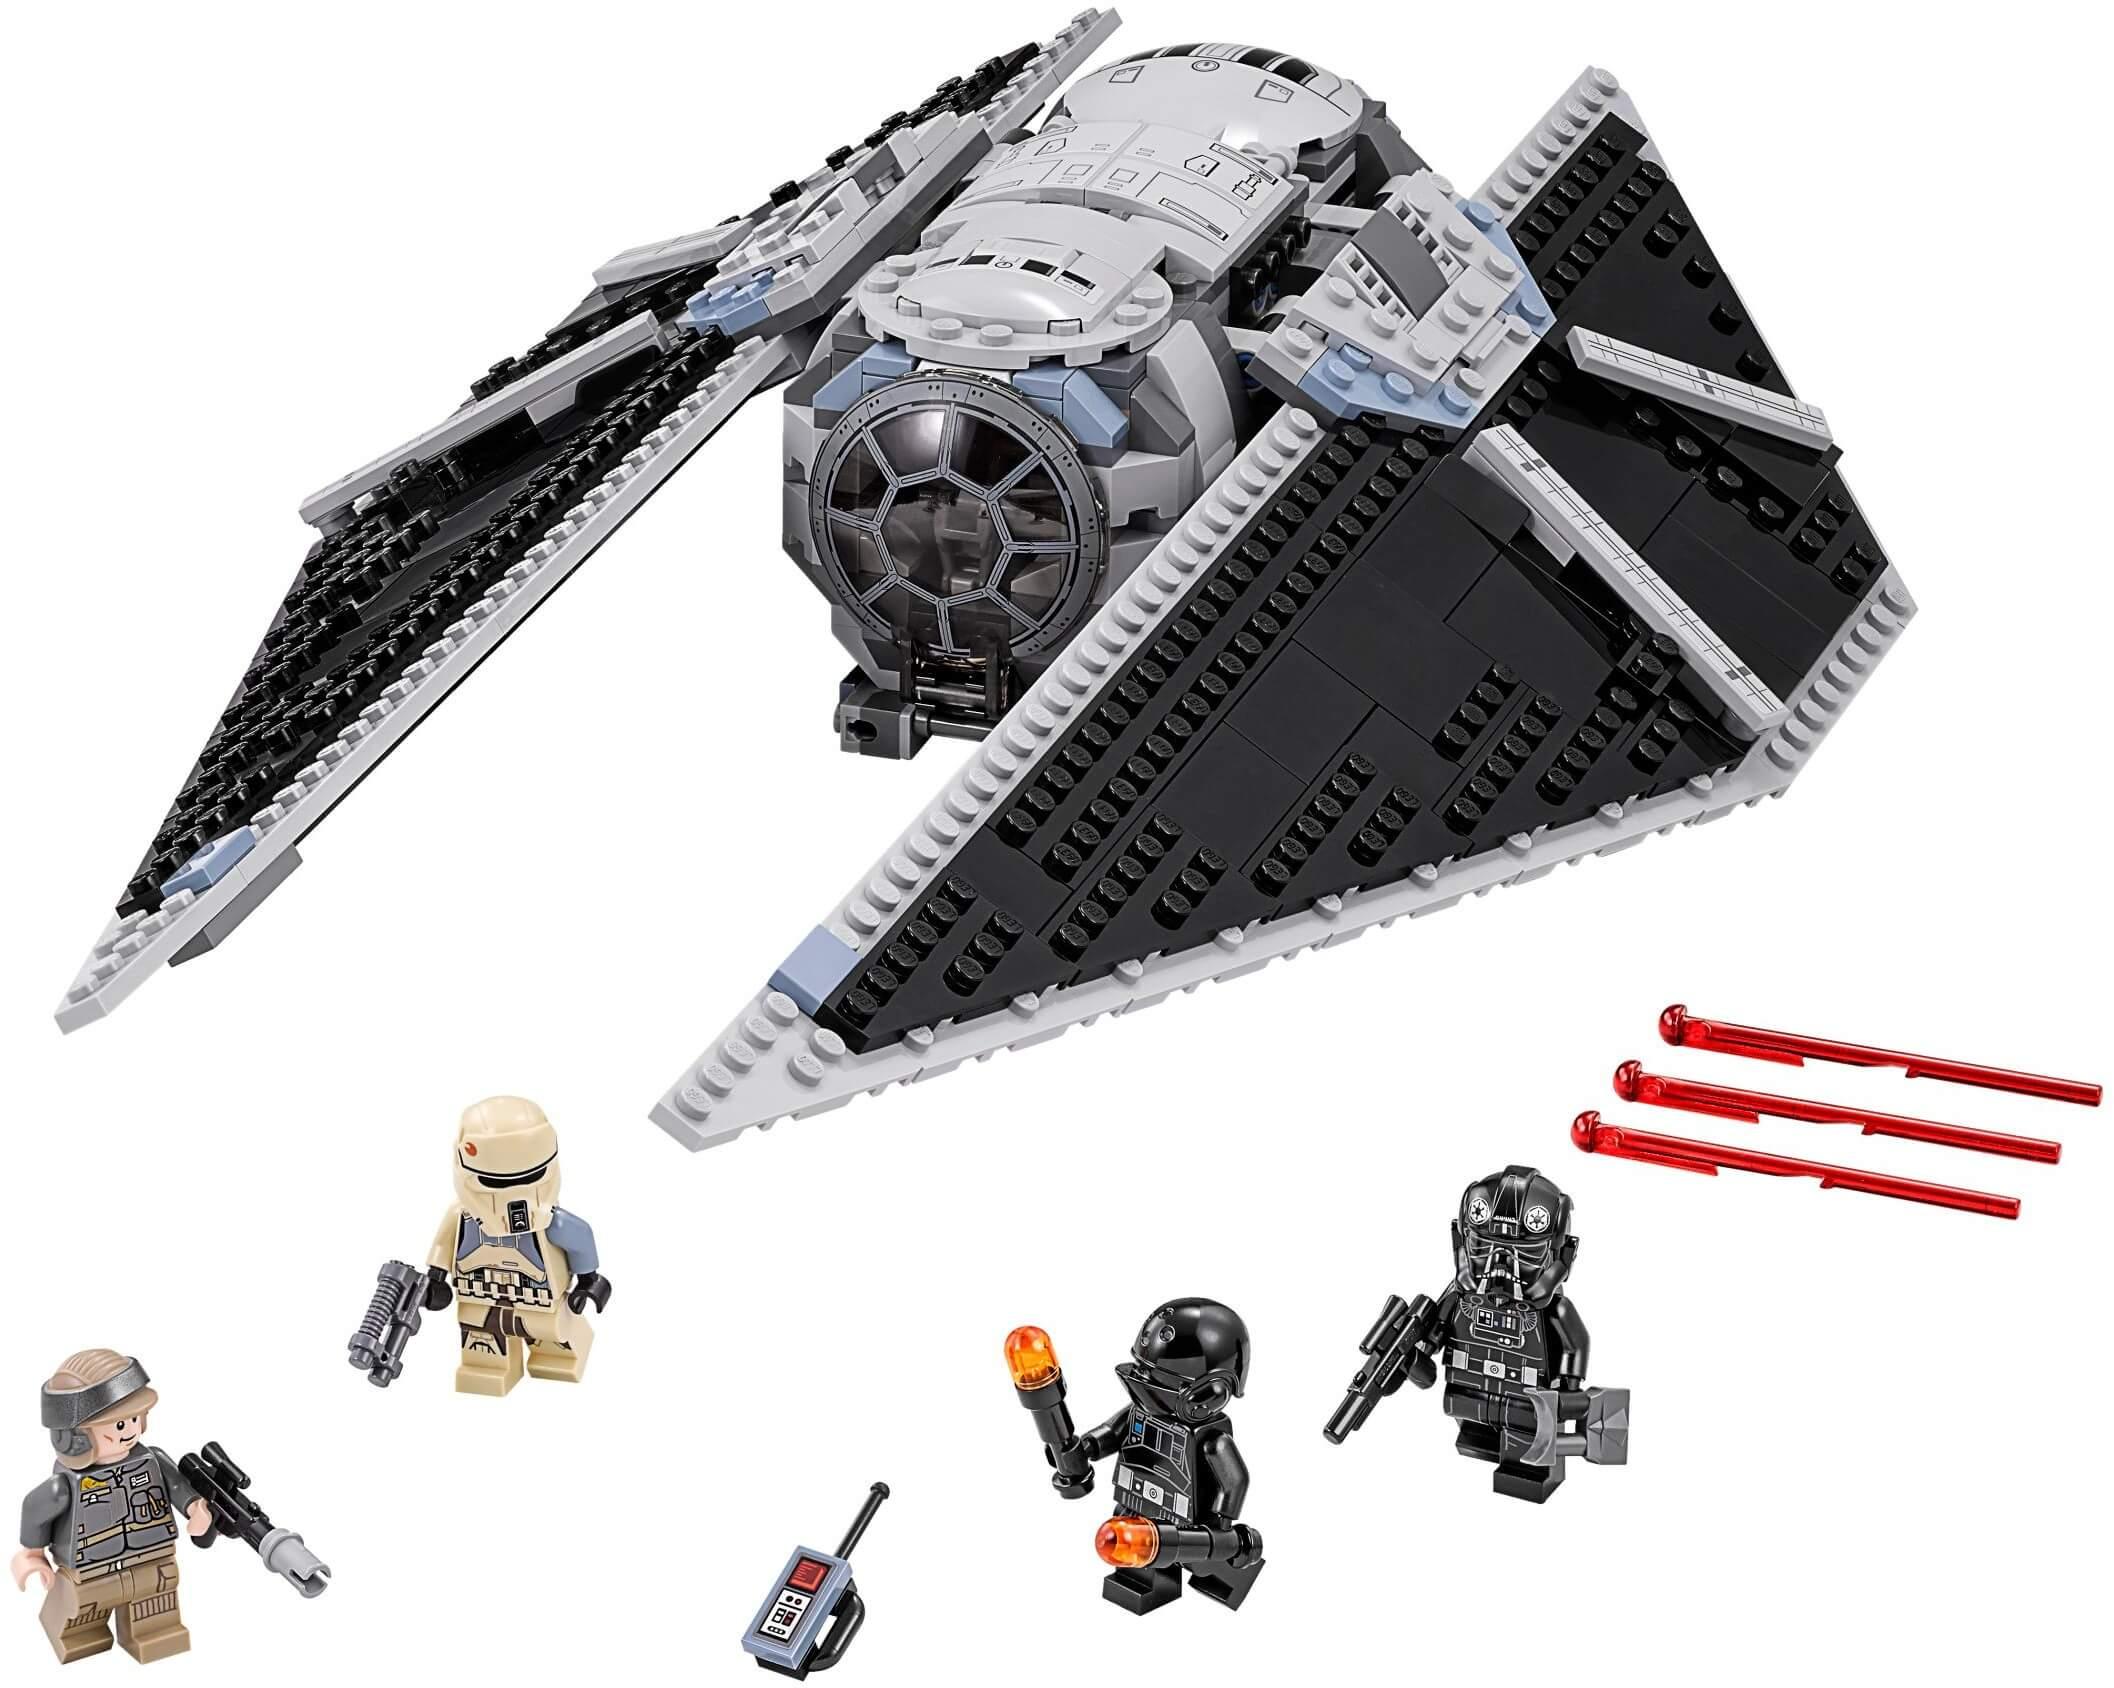 Mua đồ chơi LEGO 75154 - LEGO Star Wars 75154 - Phi Thuyền TIE Striker (LEGO Star Wars TIE Striker 75154)